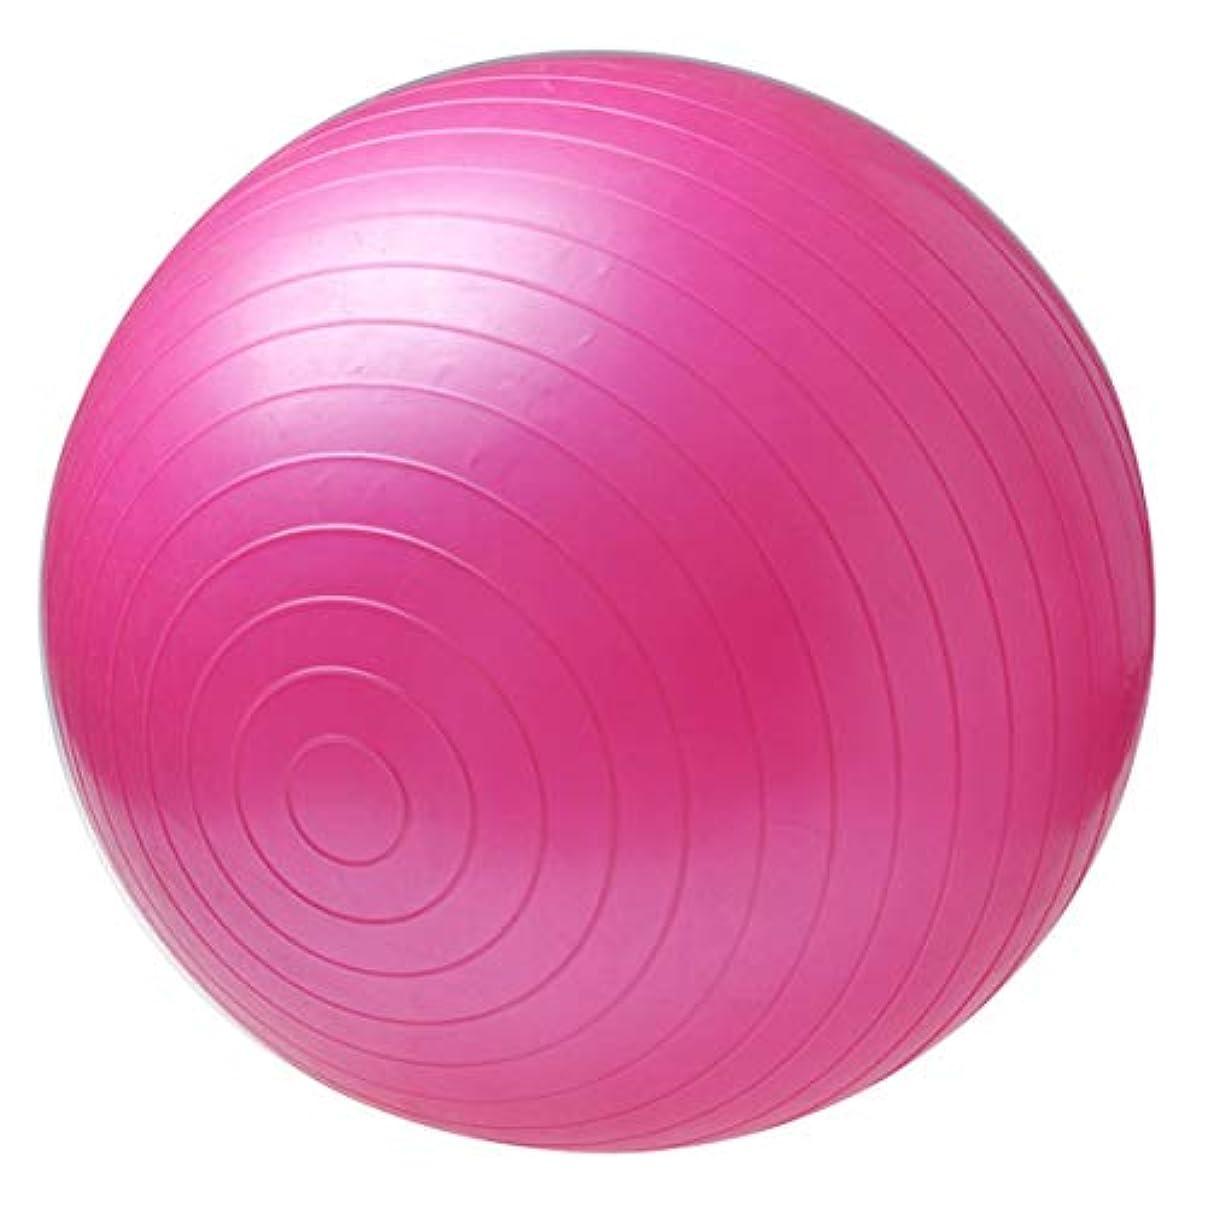 ミケランジェロ徹底的にレパートリー非毒性スポーツヨガボールボラピラティスフィットネスジムバランスフィットボールエクササイズピラティスワークアウトマッサージボール - ピンク75センチ